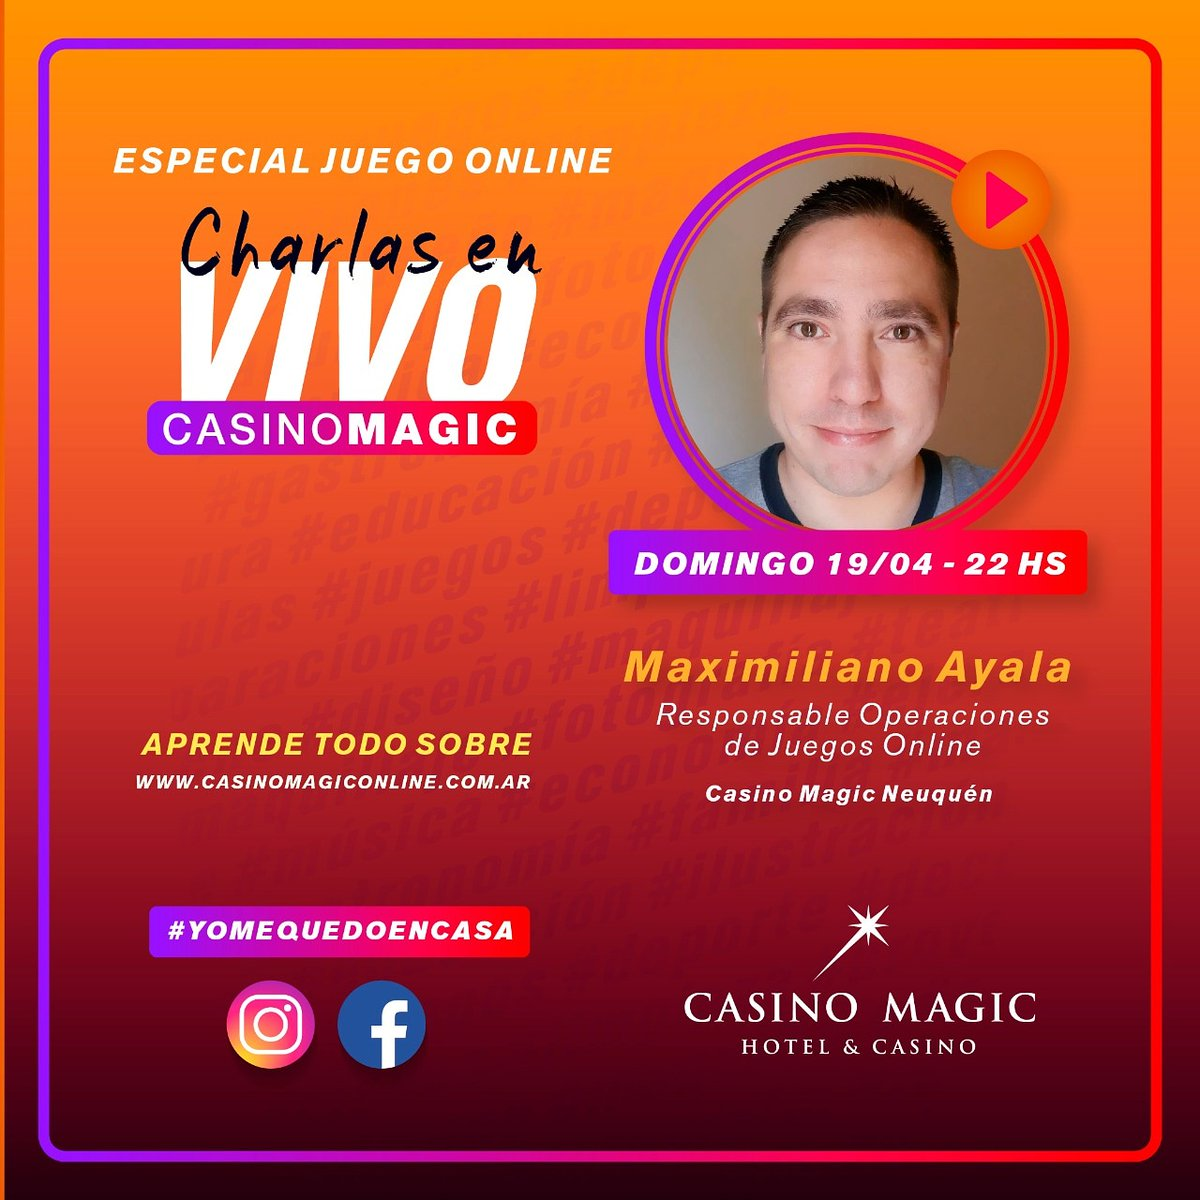 Charla #especial con Maximiliano Ayala! Todo sobre JUEGO ONLINE #YoMeQuedoEnCasa Te esperamos en #Instagram!  #CasinoMagic #Neuquen Todo lo que imaginabas y MÁS! https://t.co/G5nApyfict https://t.co/YkA9PcM1qY